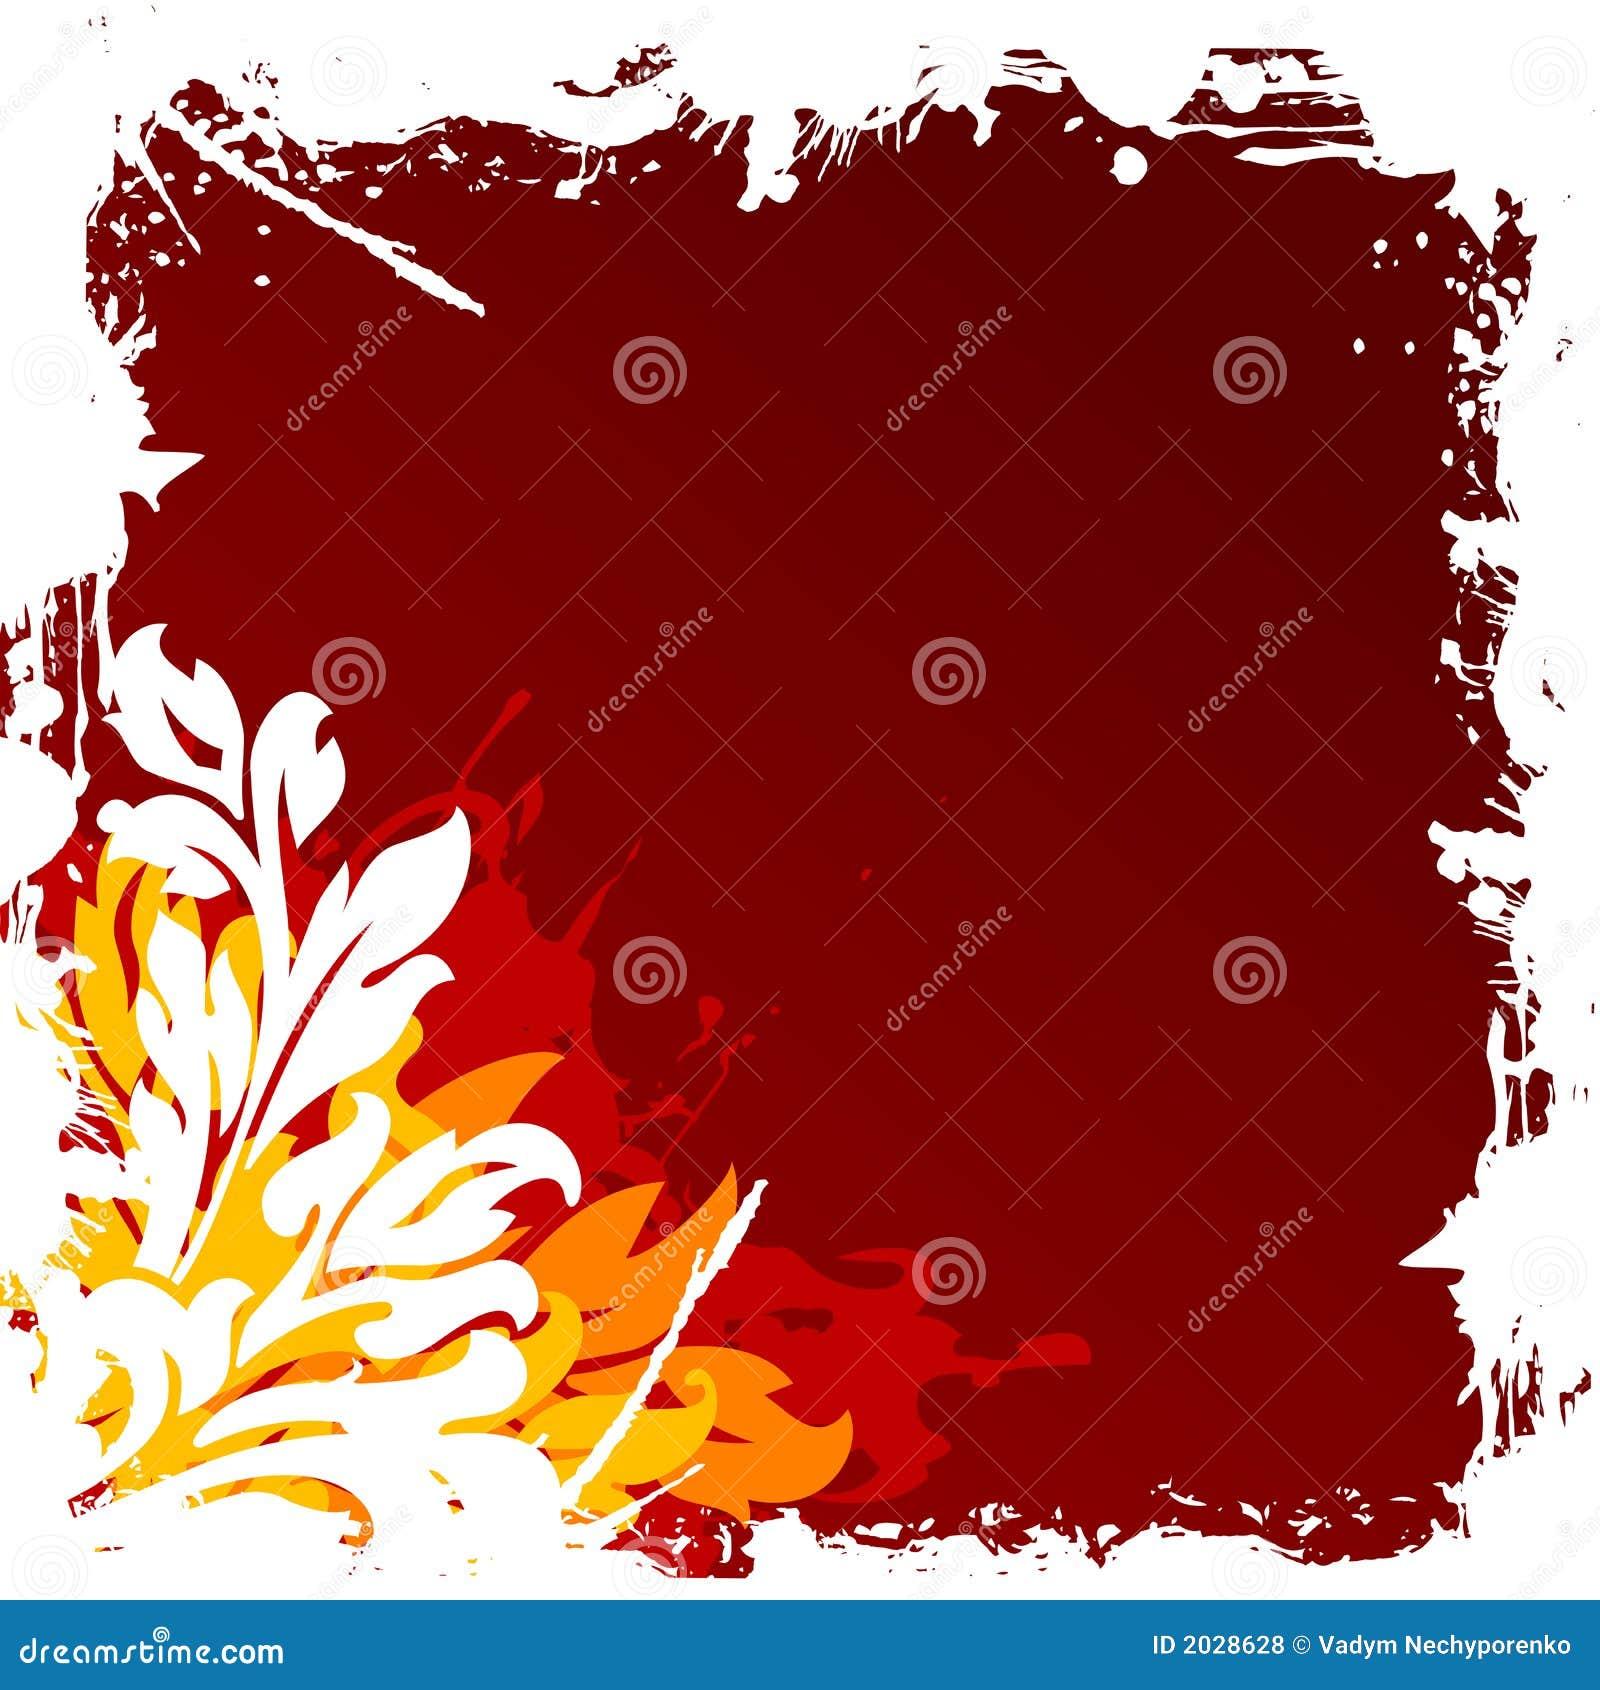 Ilustración decorativa floral del vector del fondo del grunge abstracto